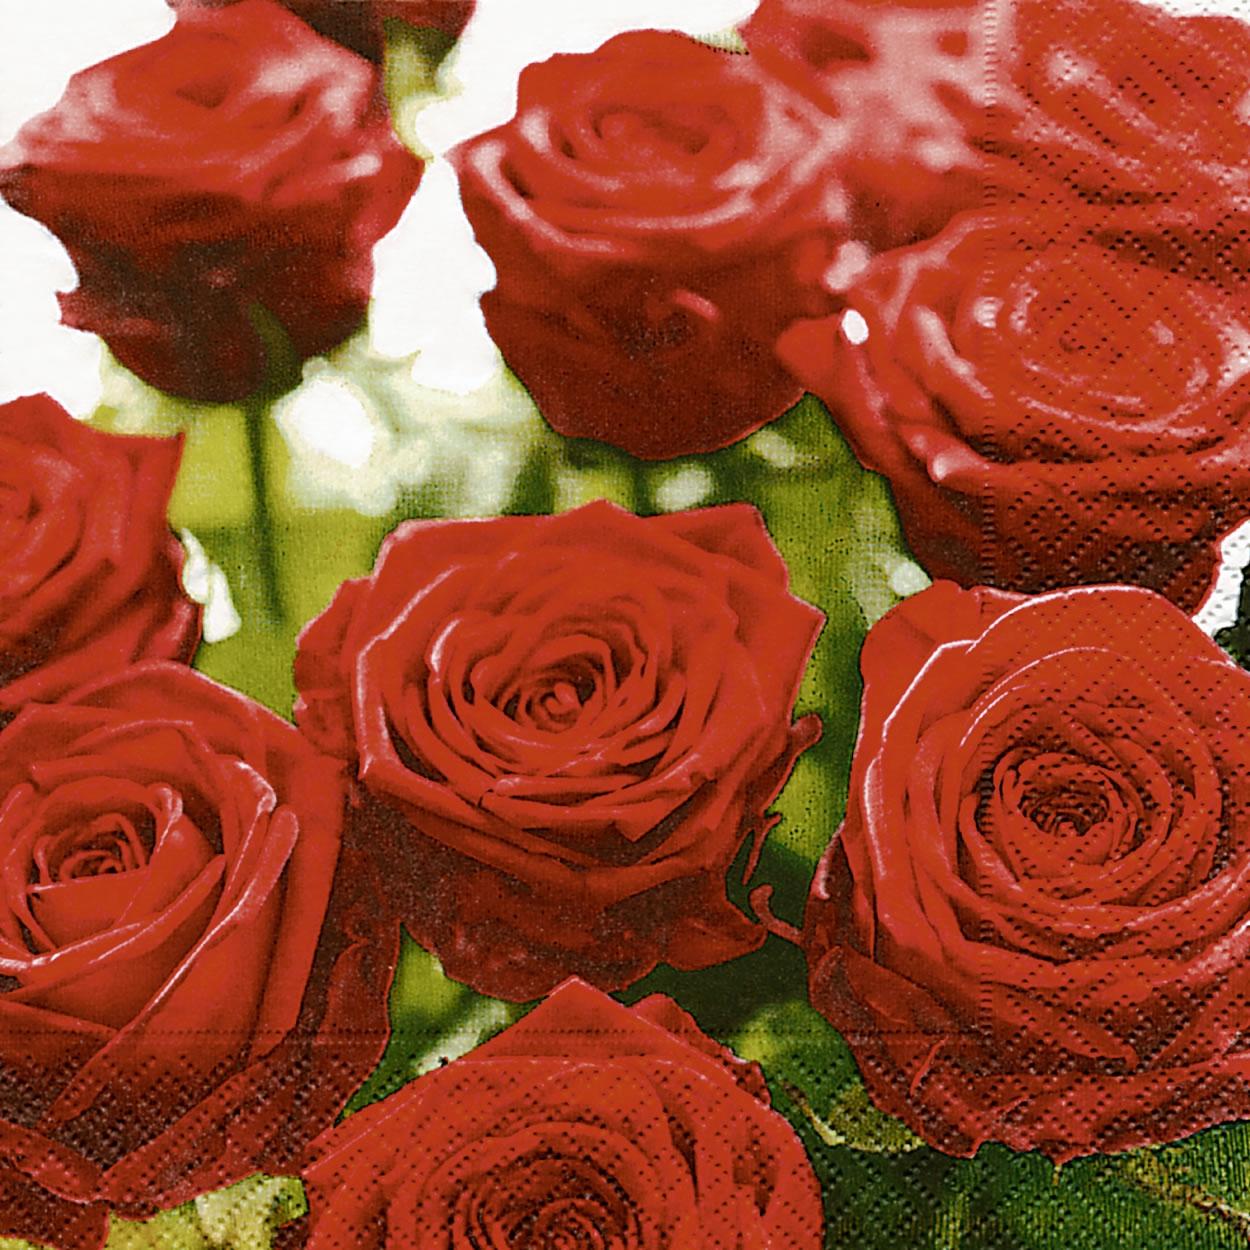 Servietten / Sonstige Blumen,  Blumen -  Sonstige,  Blumen - Rosen,  Blumen,  Everyday,  lunchservietten